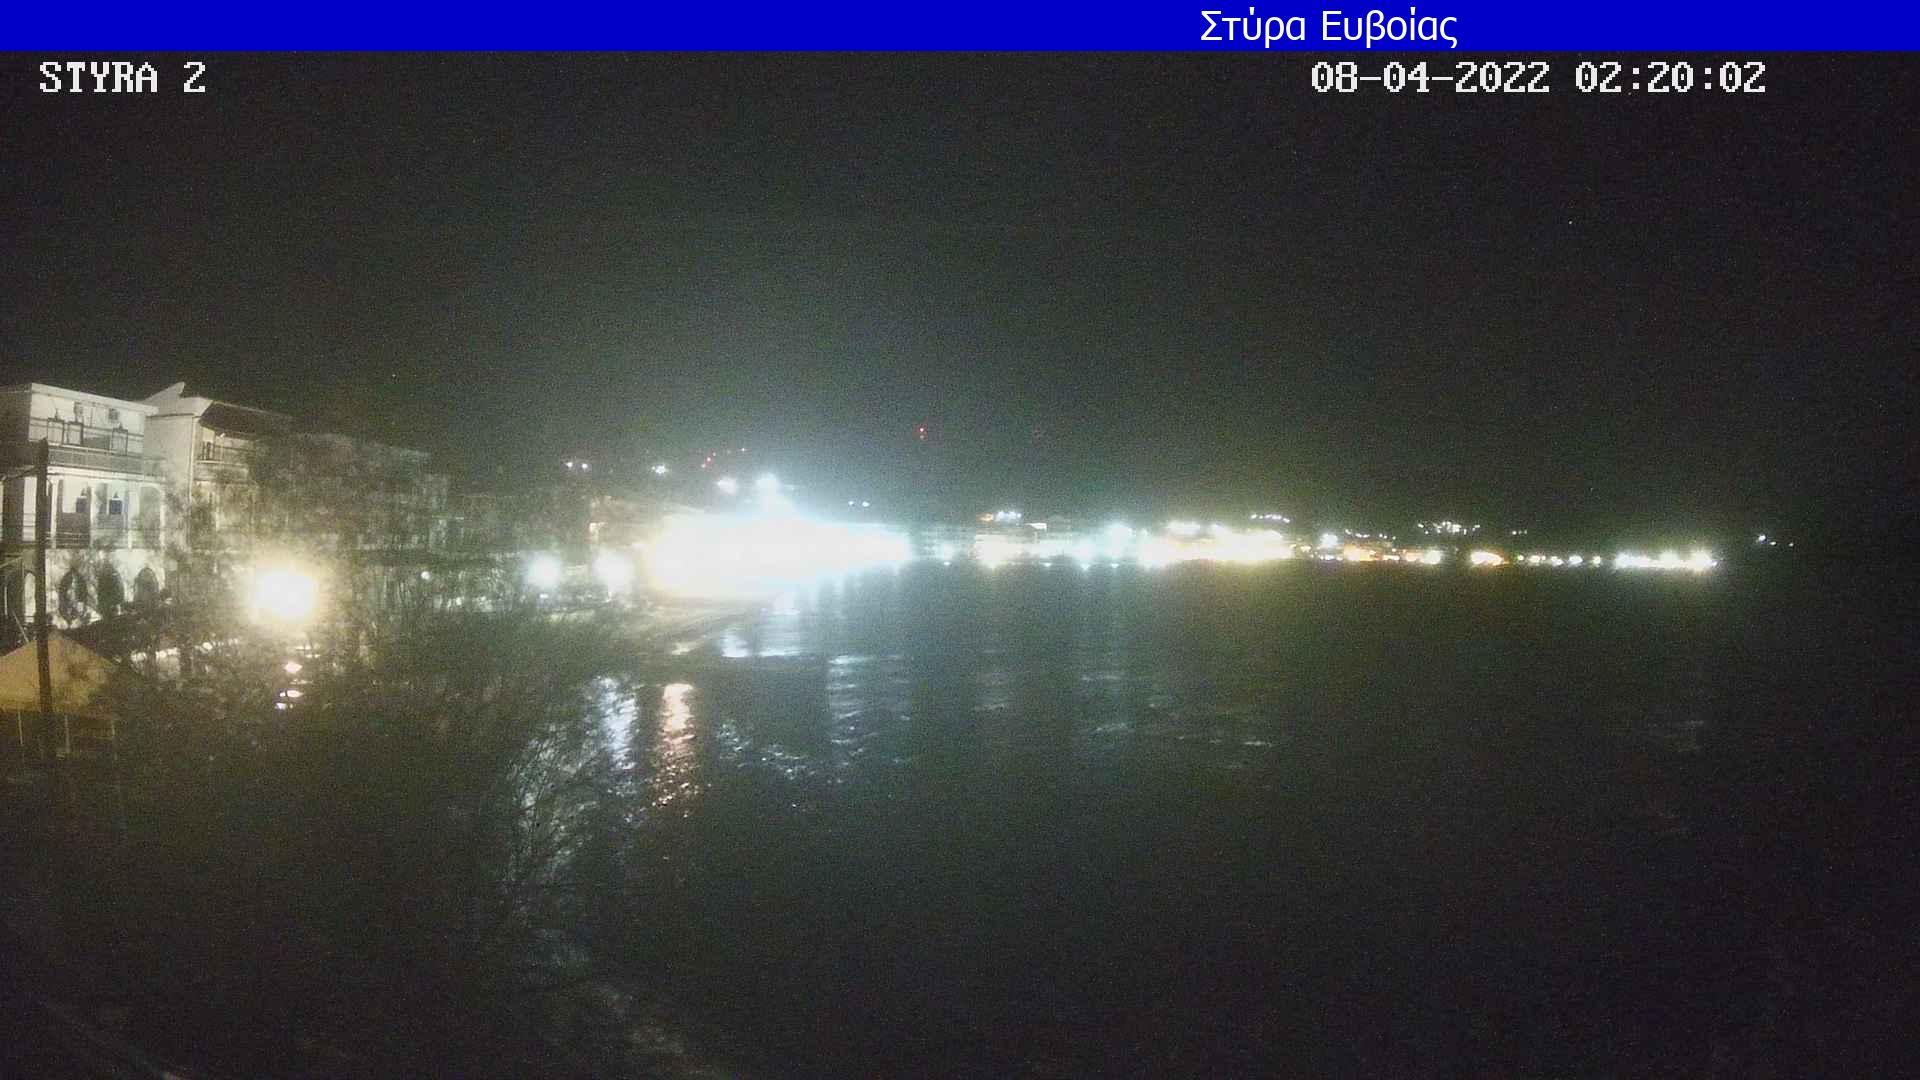 Τυχαία εικόνα από τις κάμερες Παραλία Νέων Στύρων